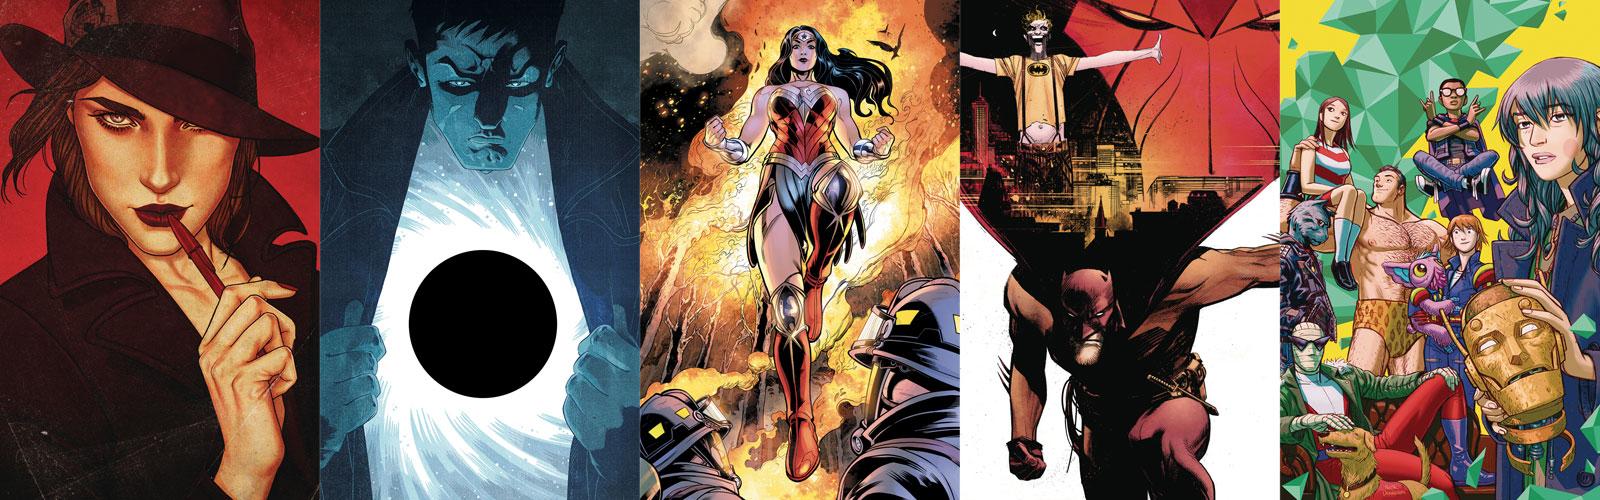 Solicitations: July 2019 – DC Comics